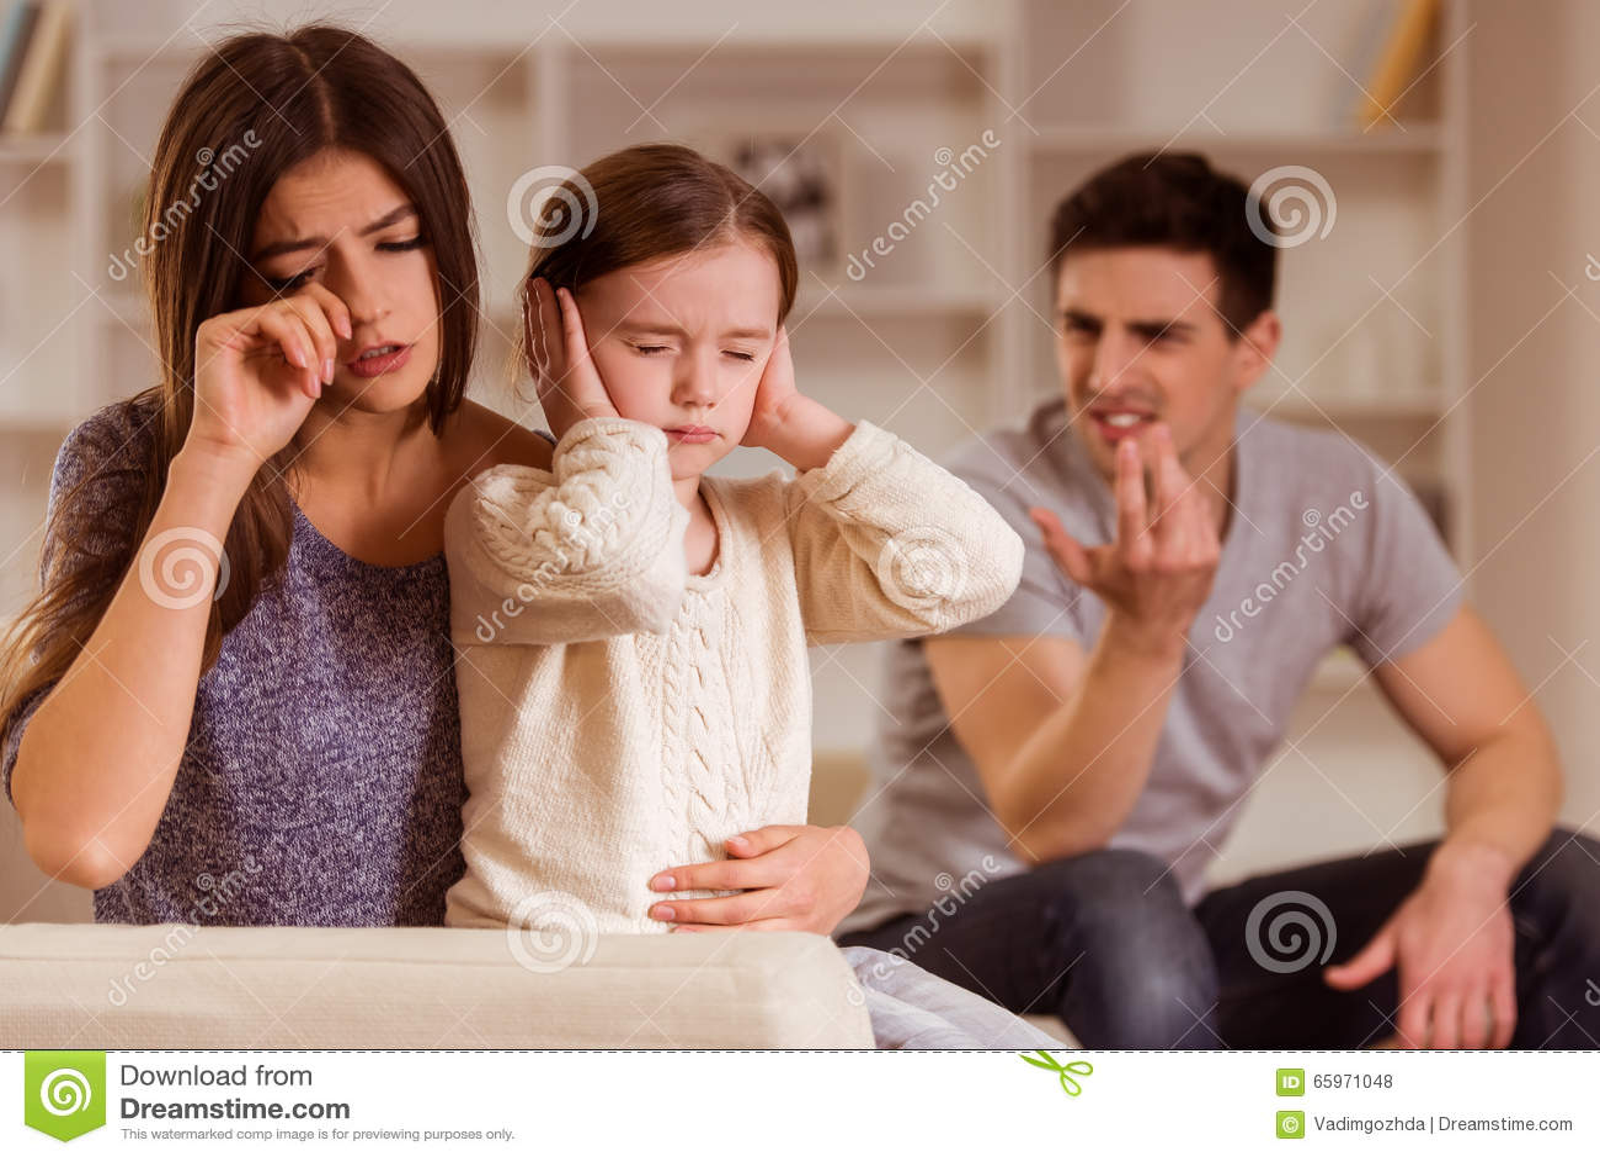 在父母之间的争吵